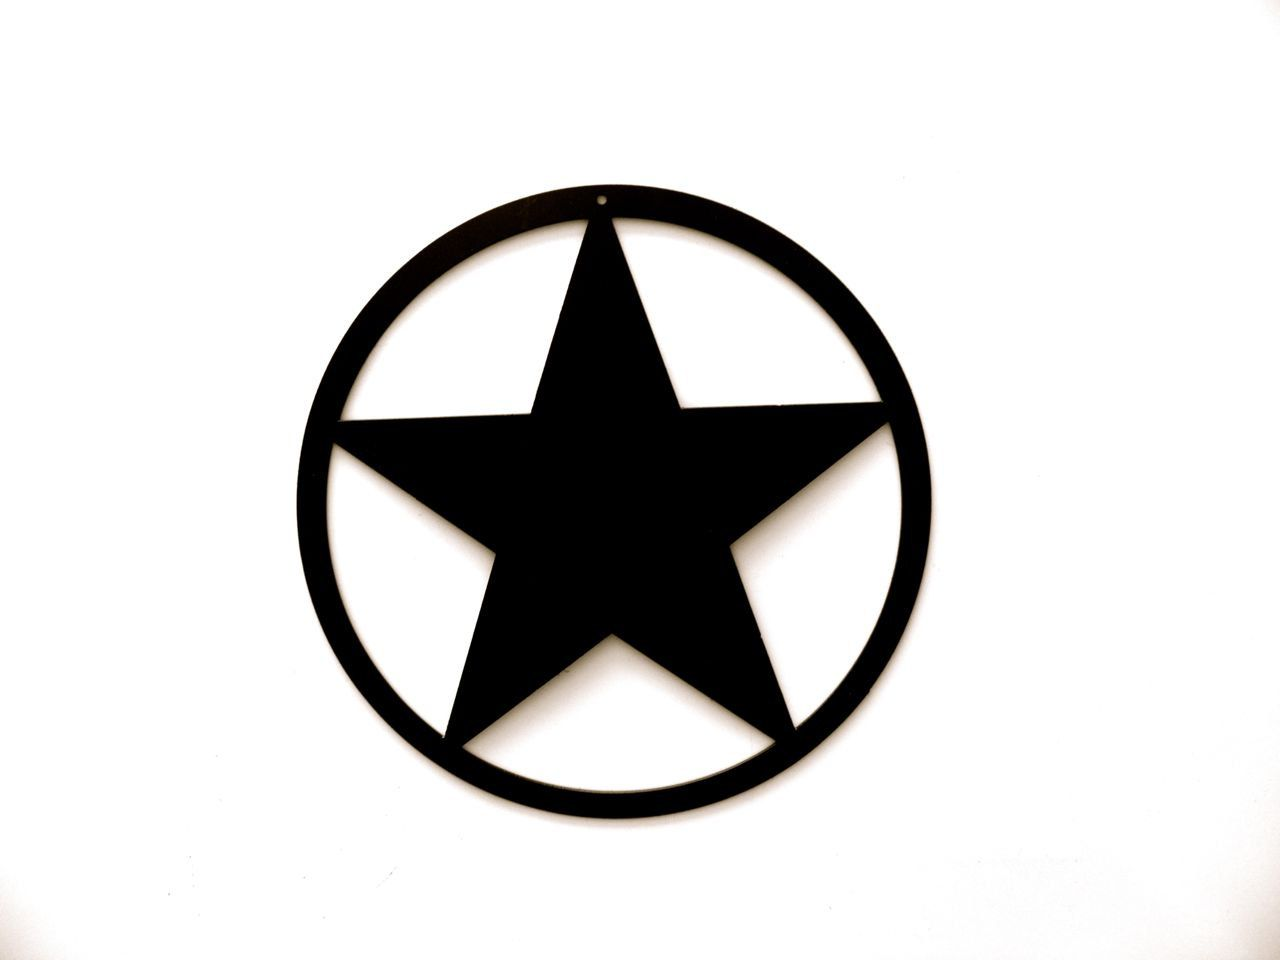 Star Symbol in Circle Logo.